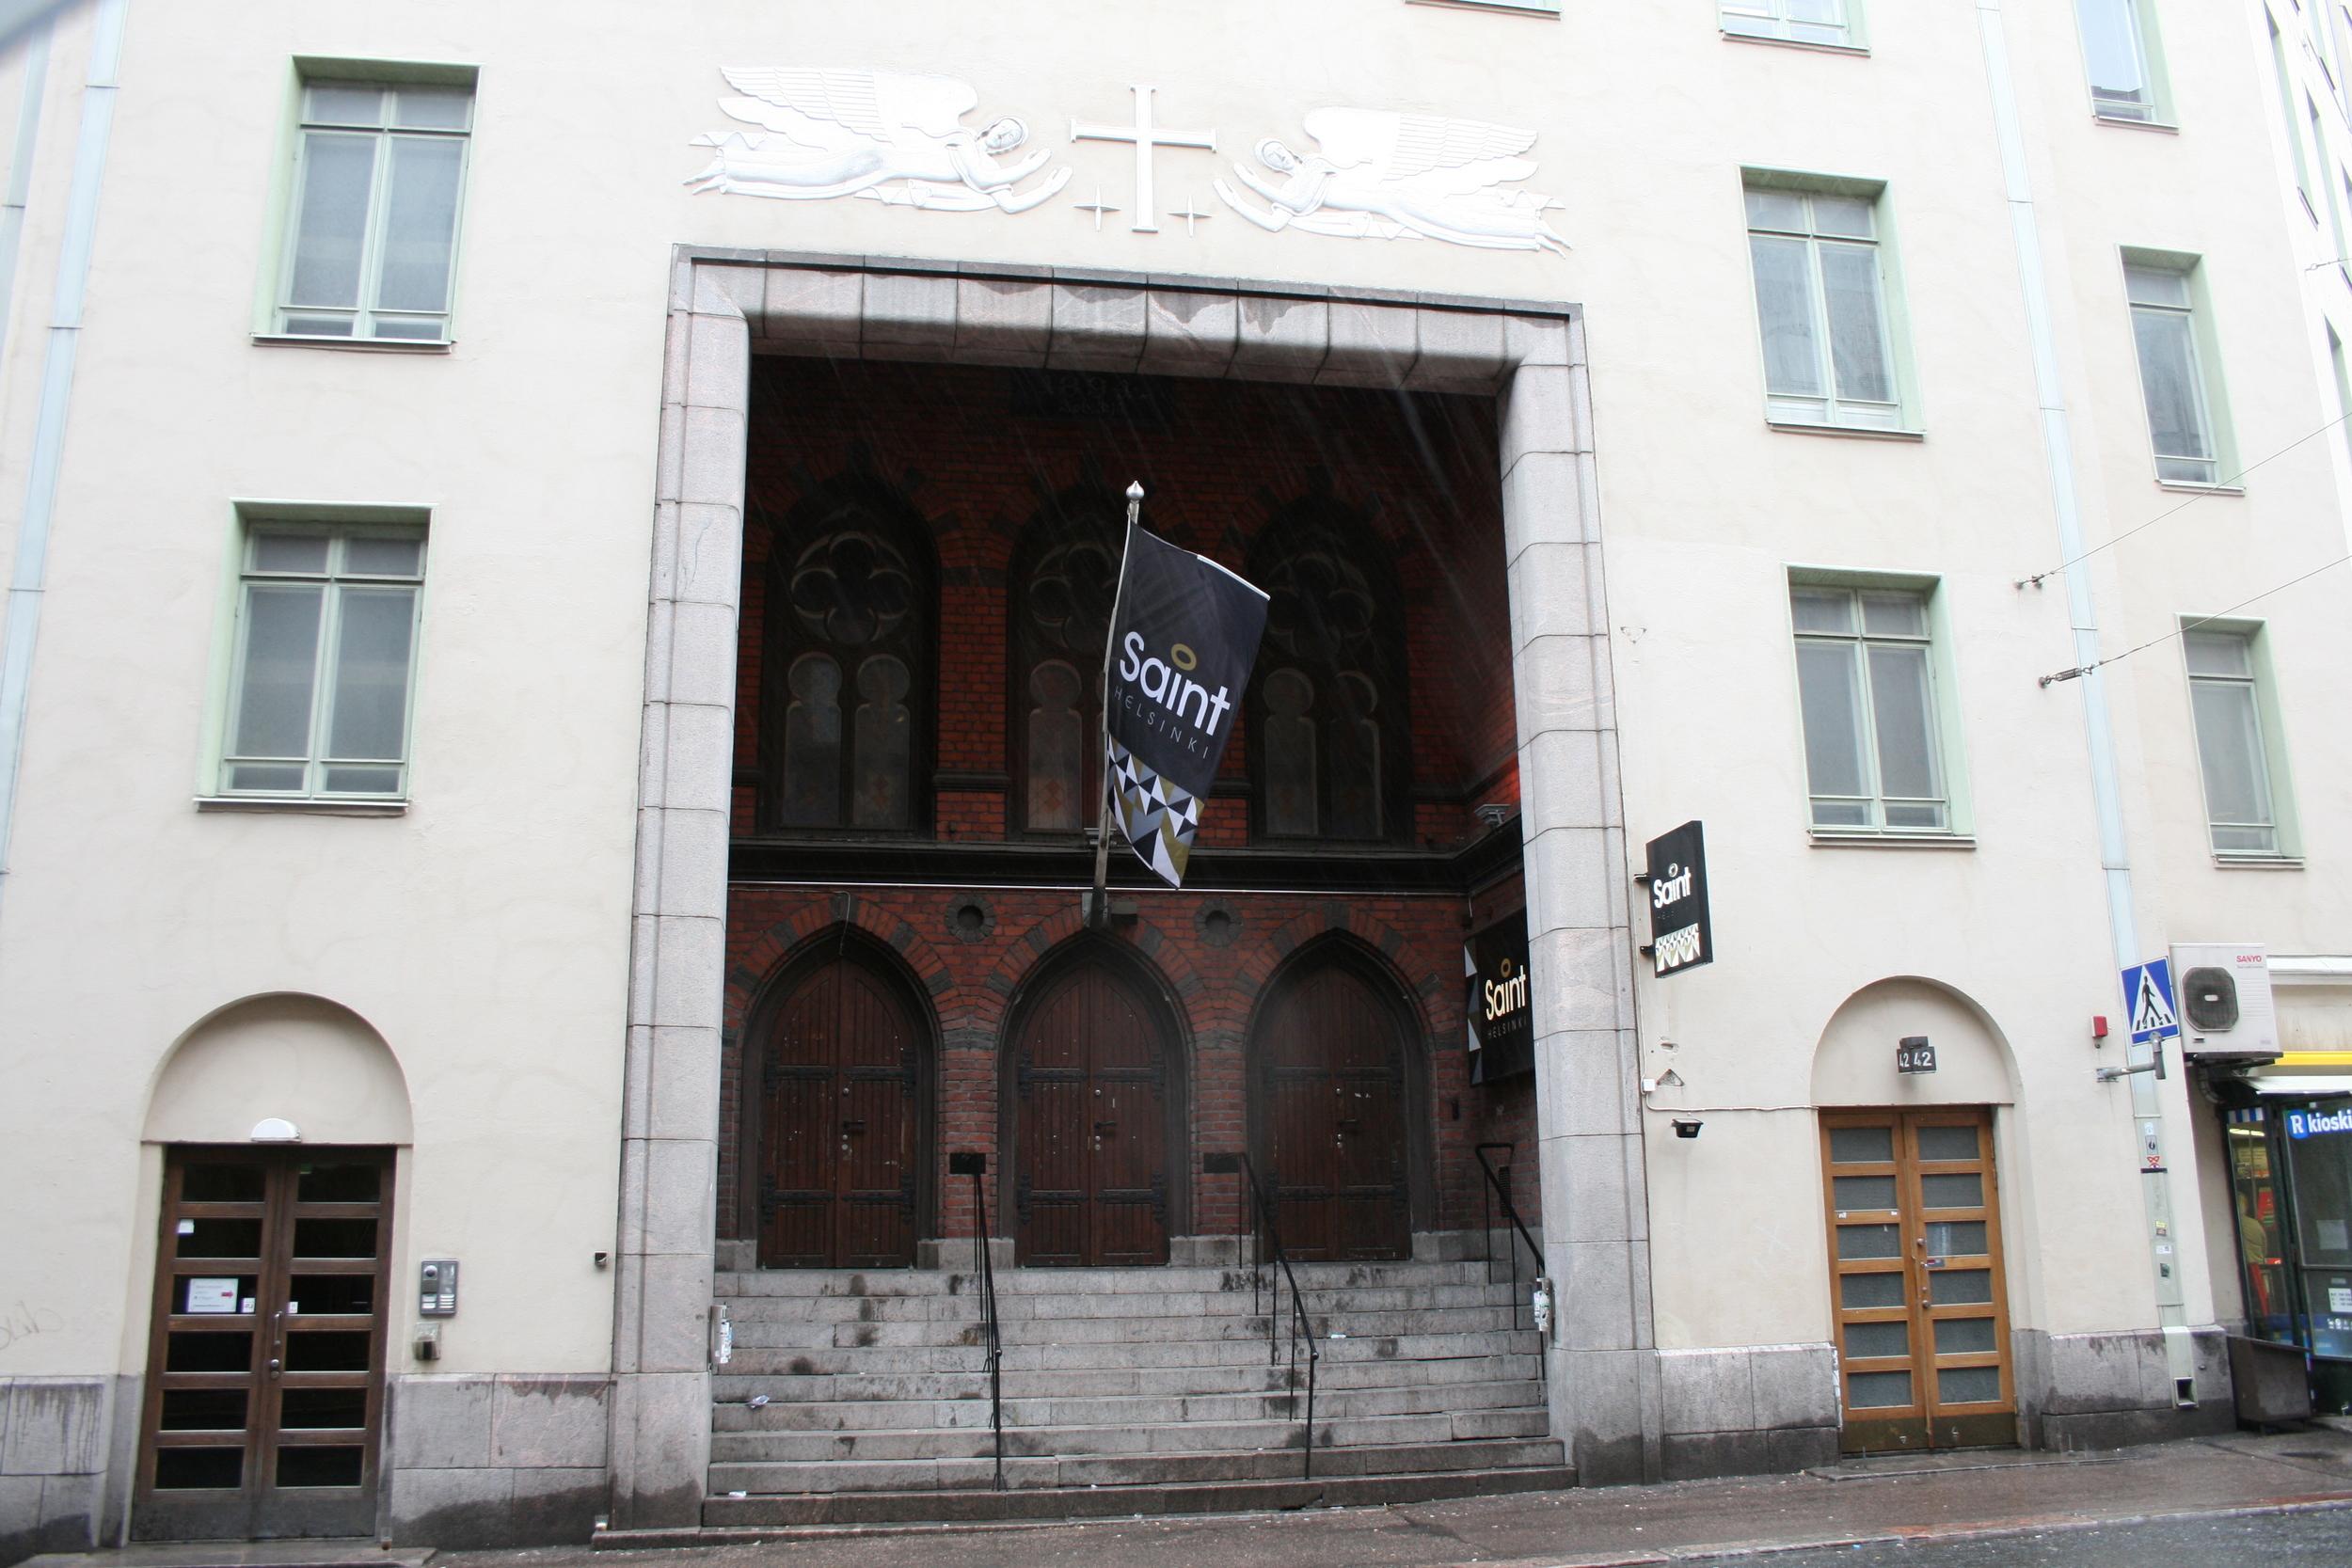 Luther-kirkon sisäänkäynti kesäkuussa 2014 kuvattuna ravintola Saint Helsingin aikana. 1931 valmistuneen julkisivun syvennyksessä on jäljellä 1894 valmistuneen uusgoottilaisen rukoushuoneen sisäänkäynti. Kuva: Martti Haverinen.